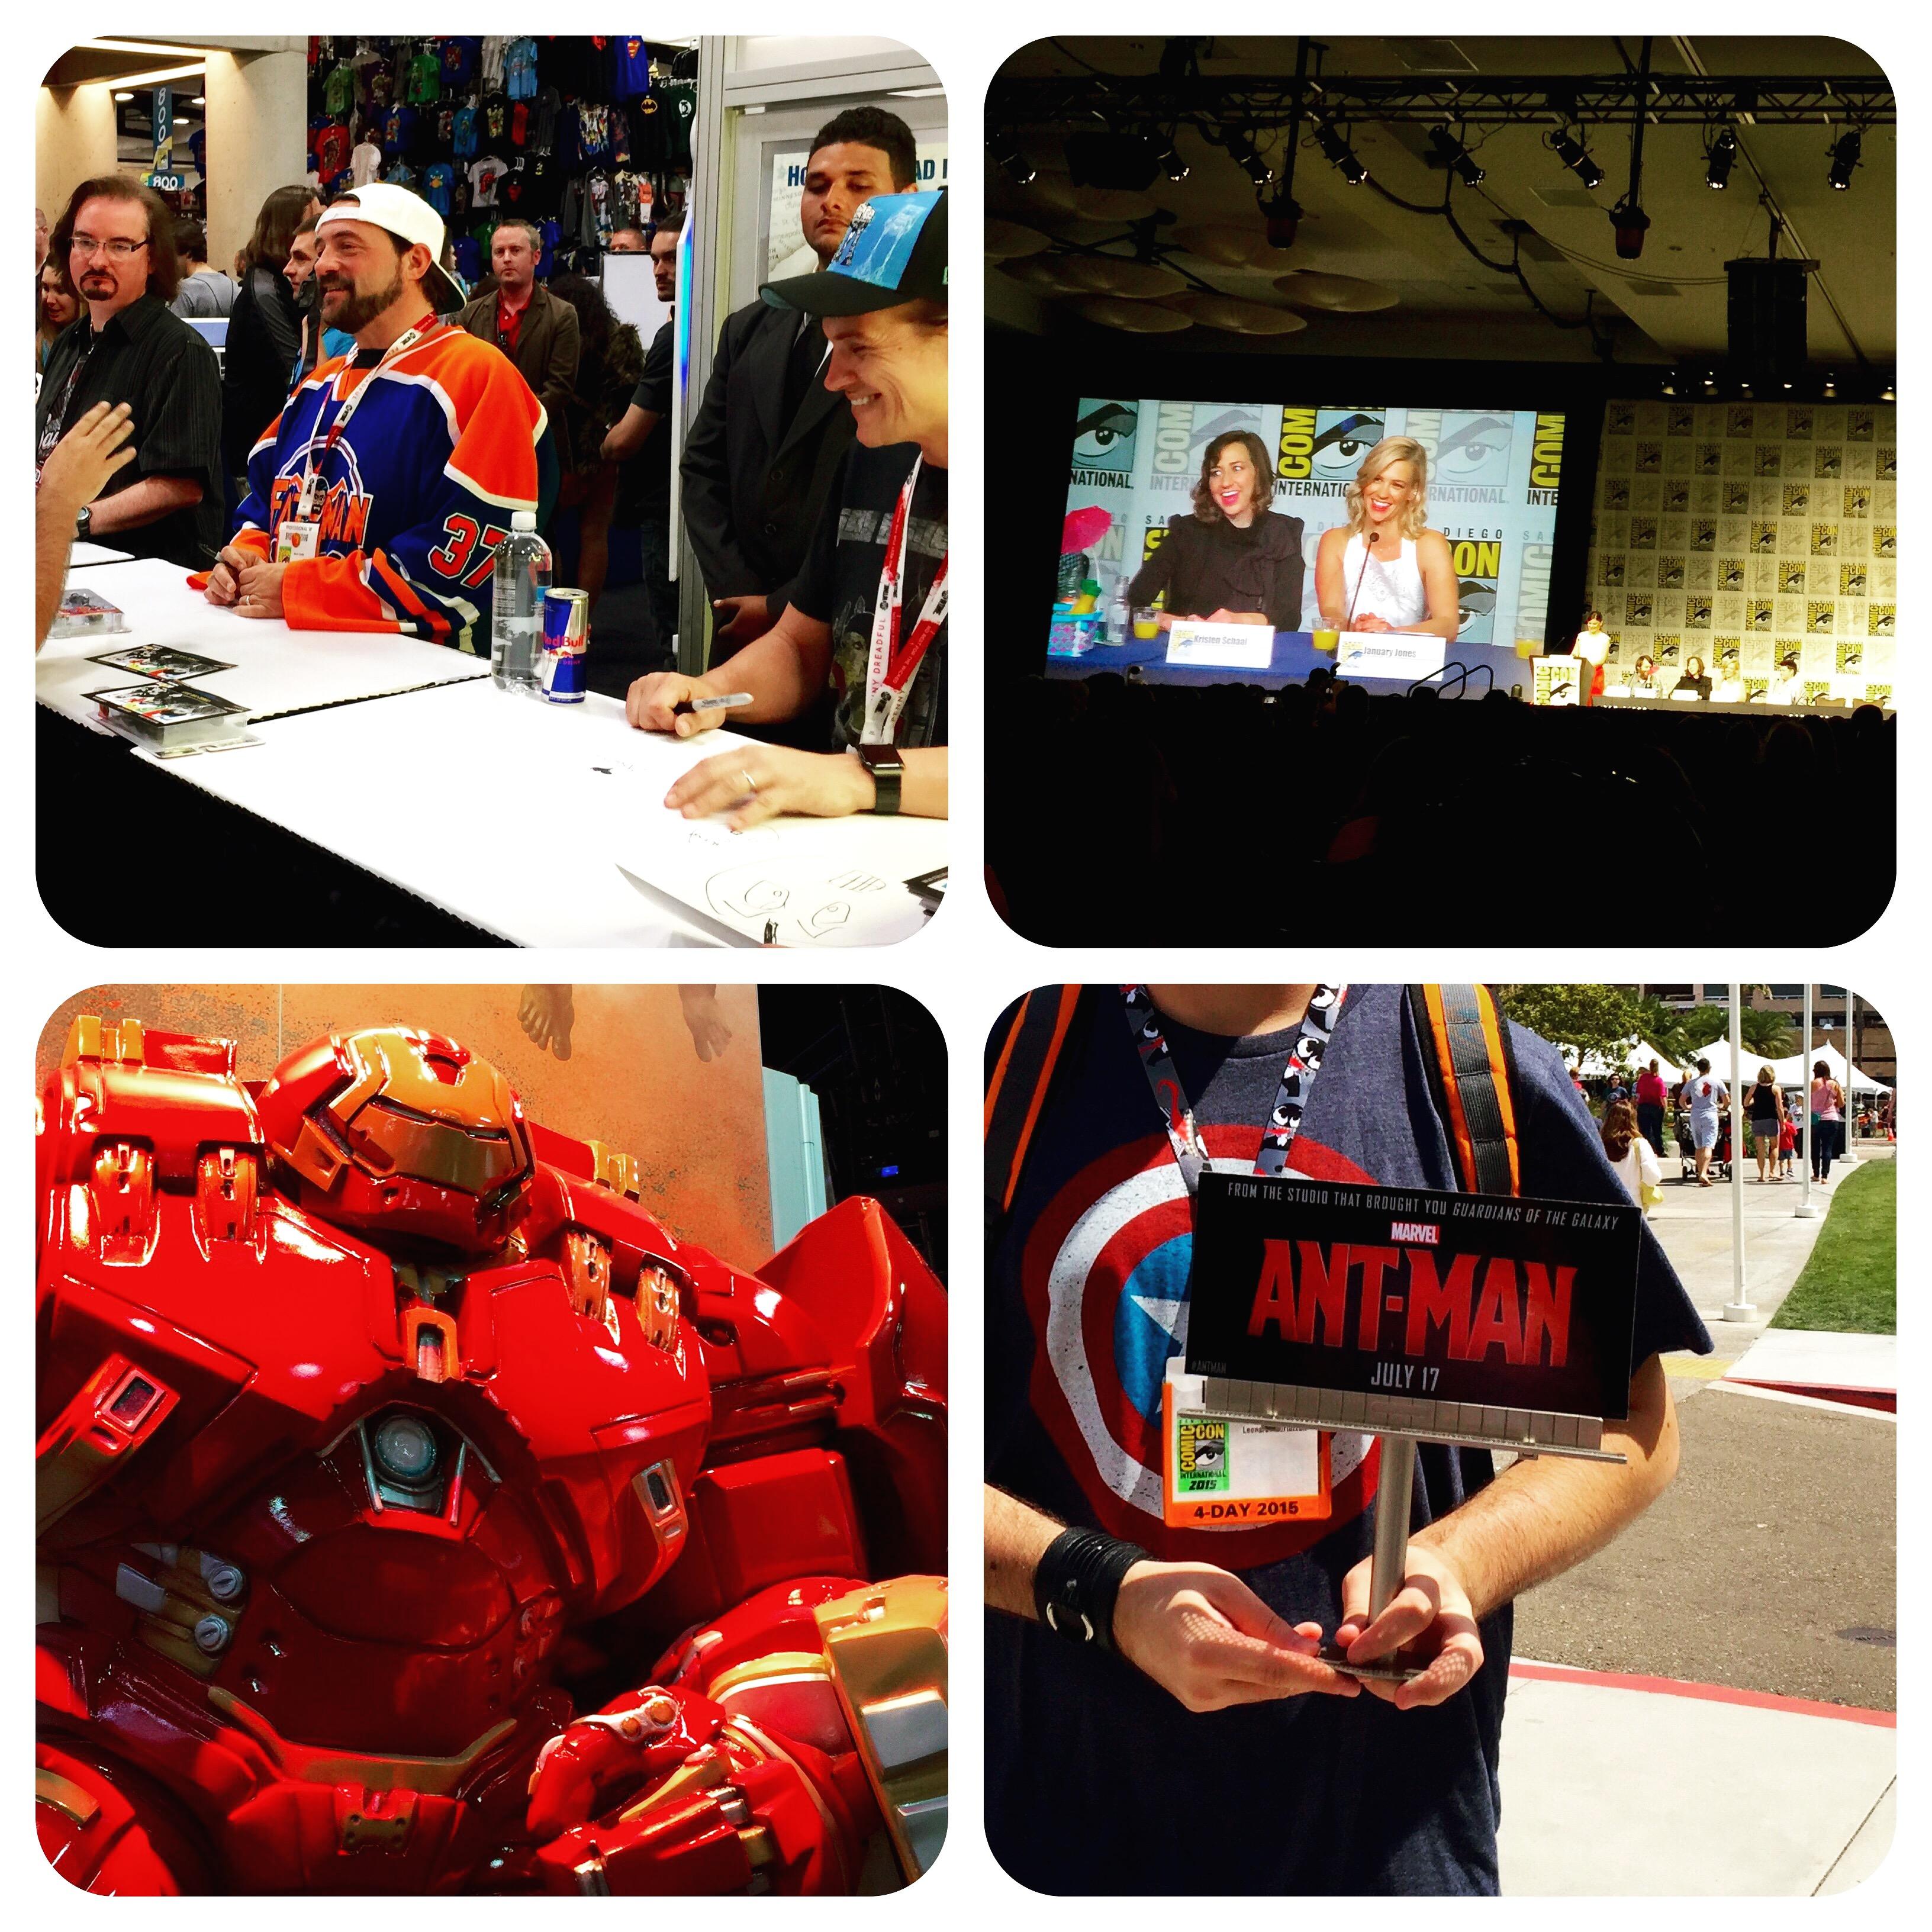 [Evento][Tópico Oficial] Comic-Con San Diego 2015 - Cobertura e itens exclusivos! - Página 4 VsFzcW